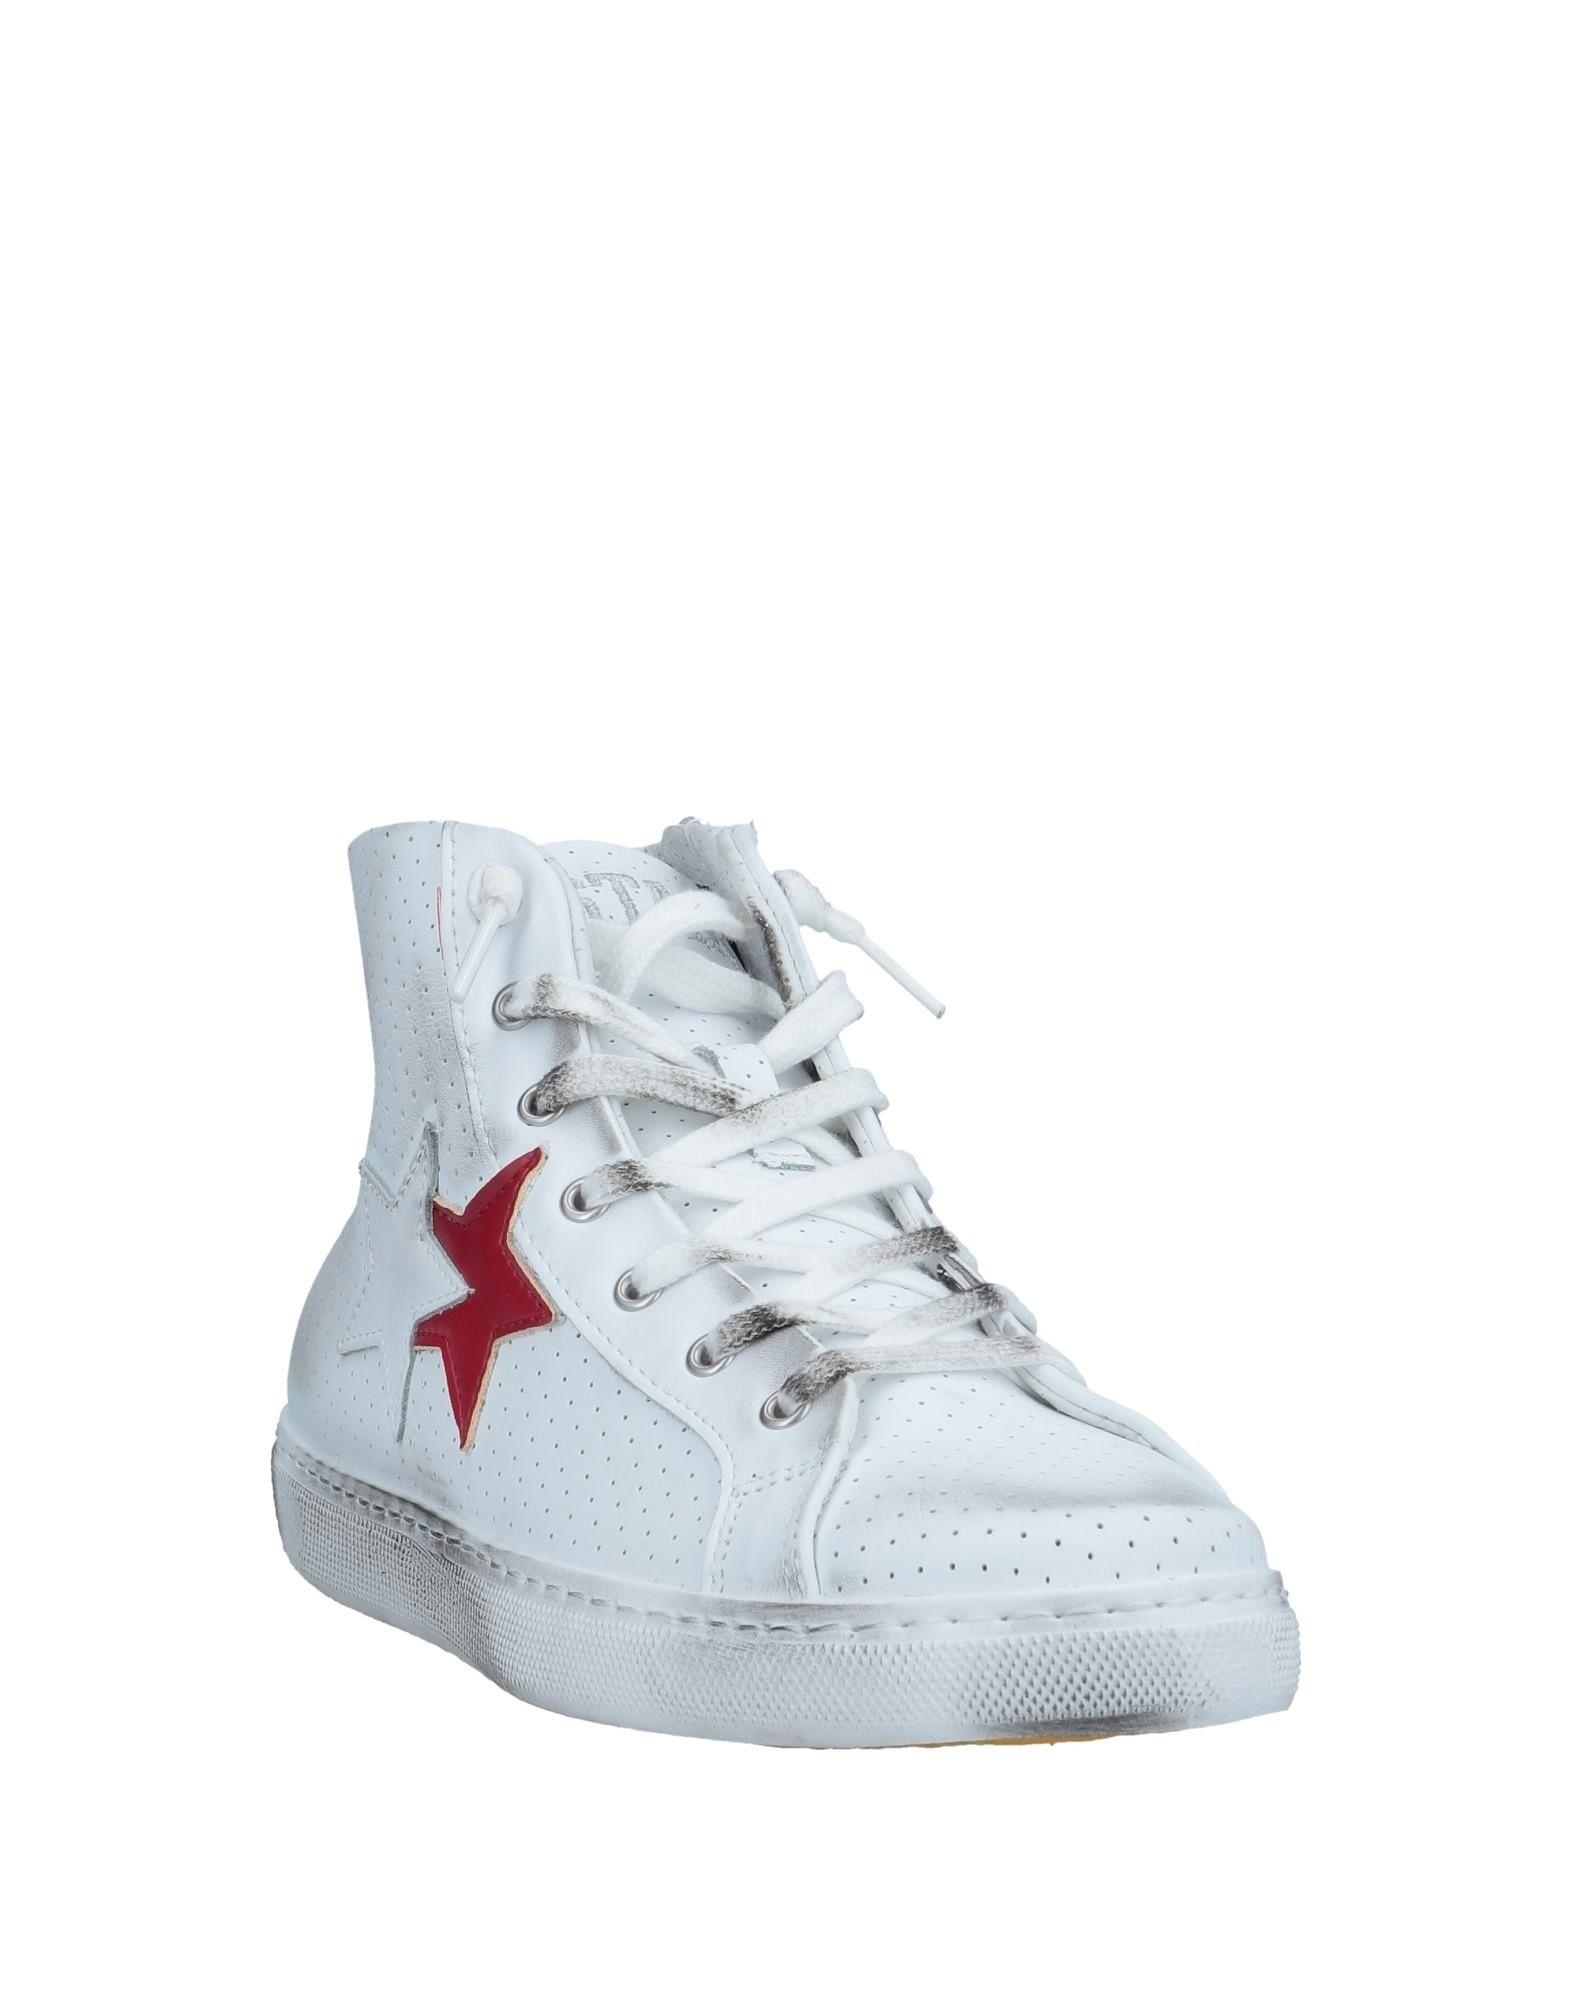 2Star Sneakers Damen  11547366TI   11547366TI 46d439